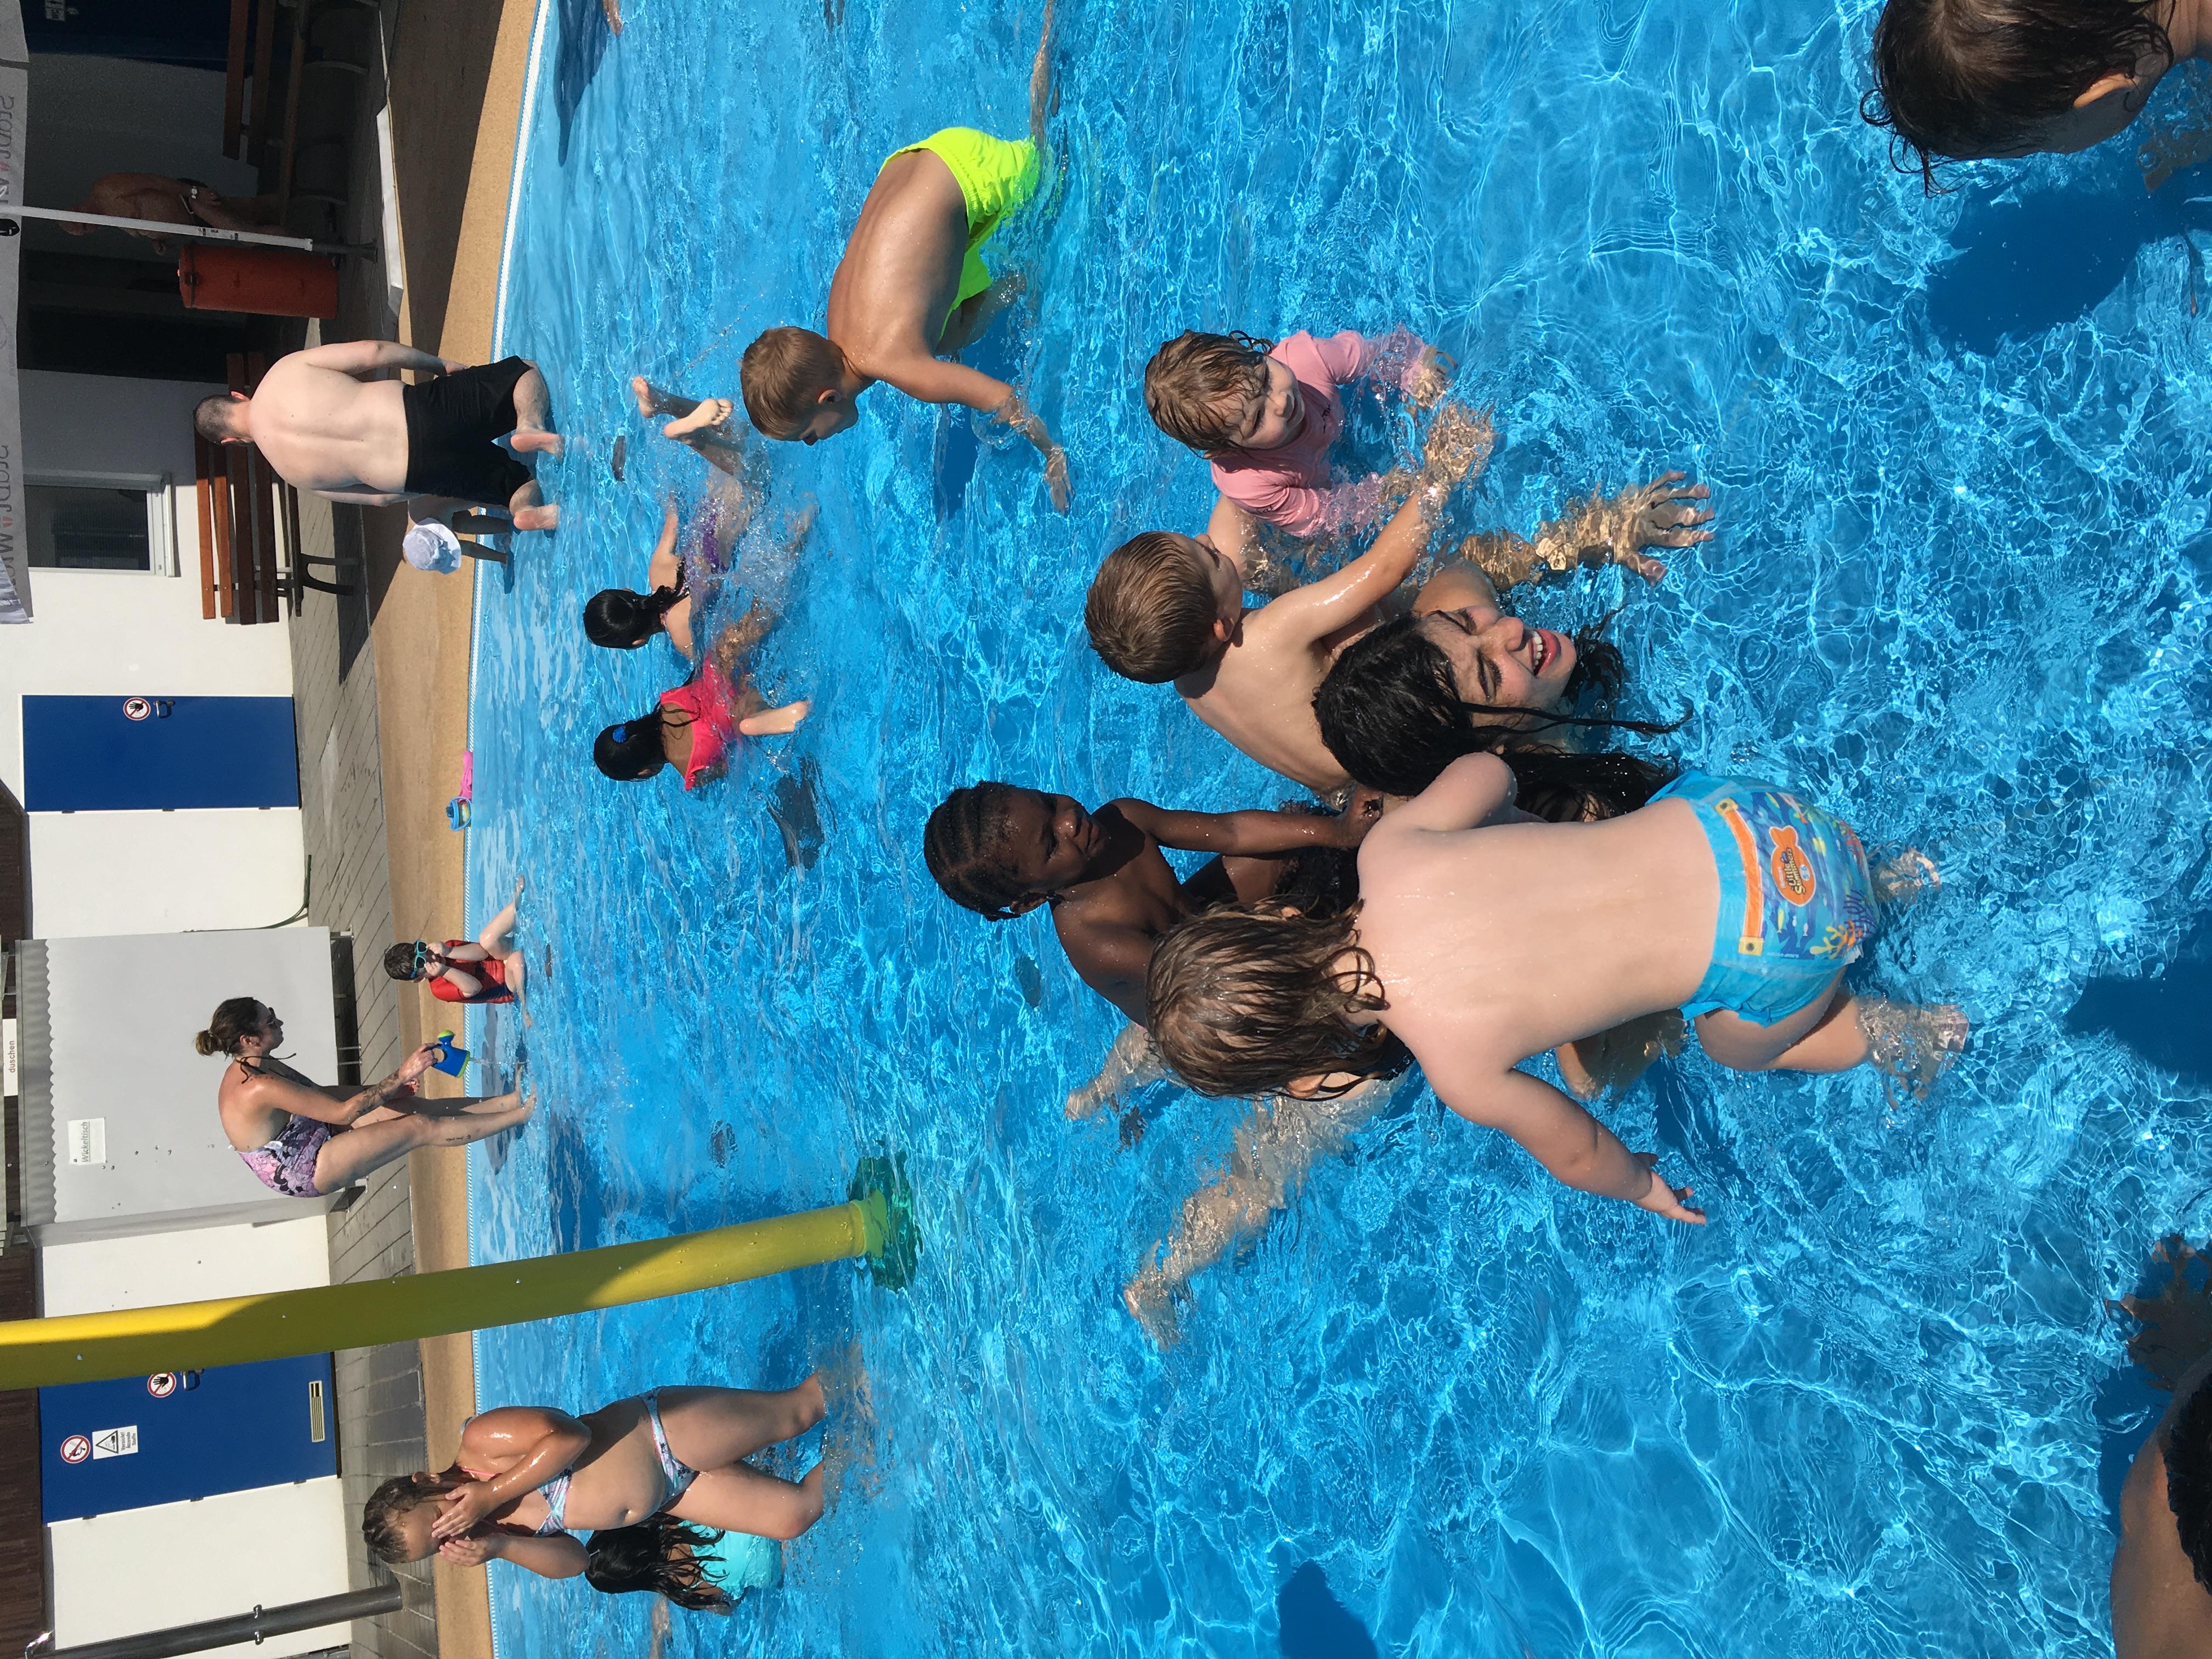 La Rueda 22 excursión piscina